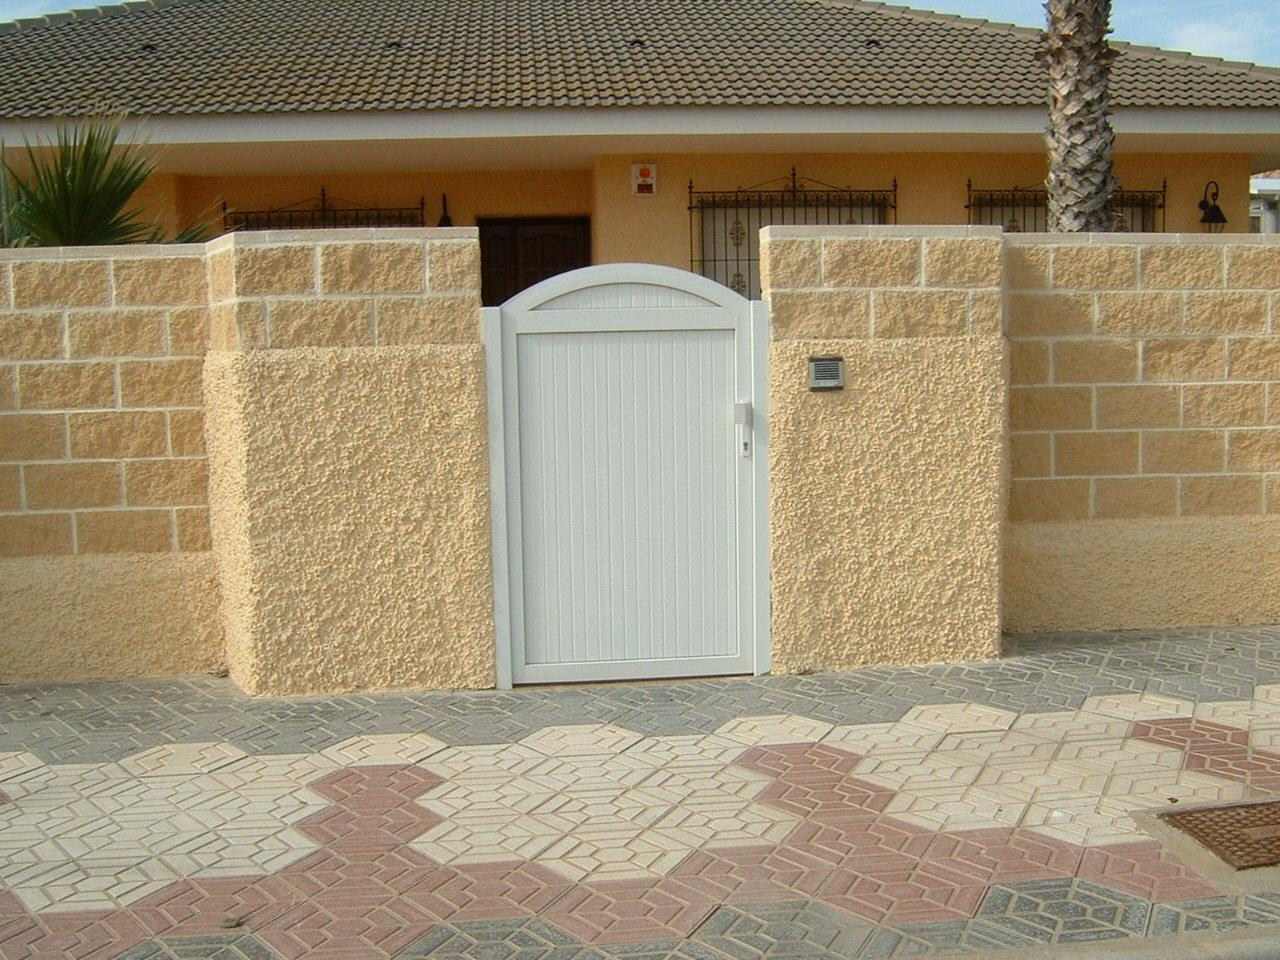 Puerta de jardin con parte superior curva